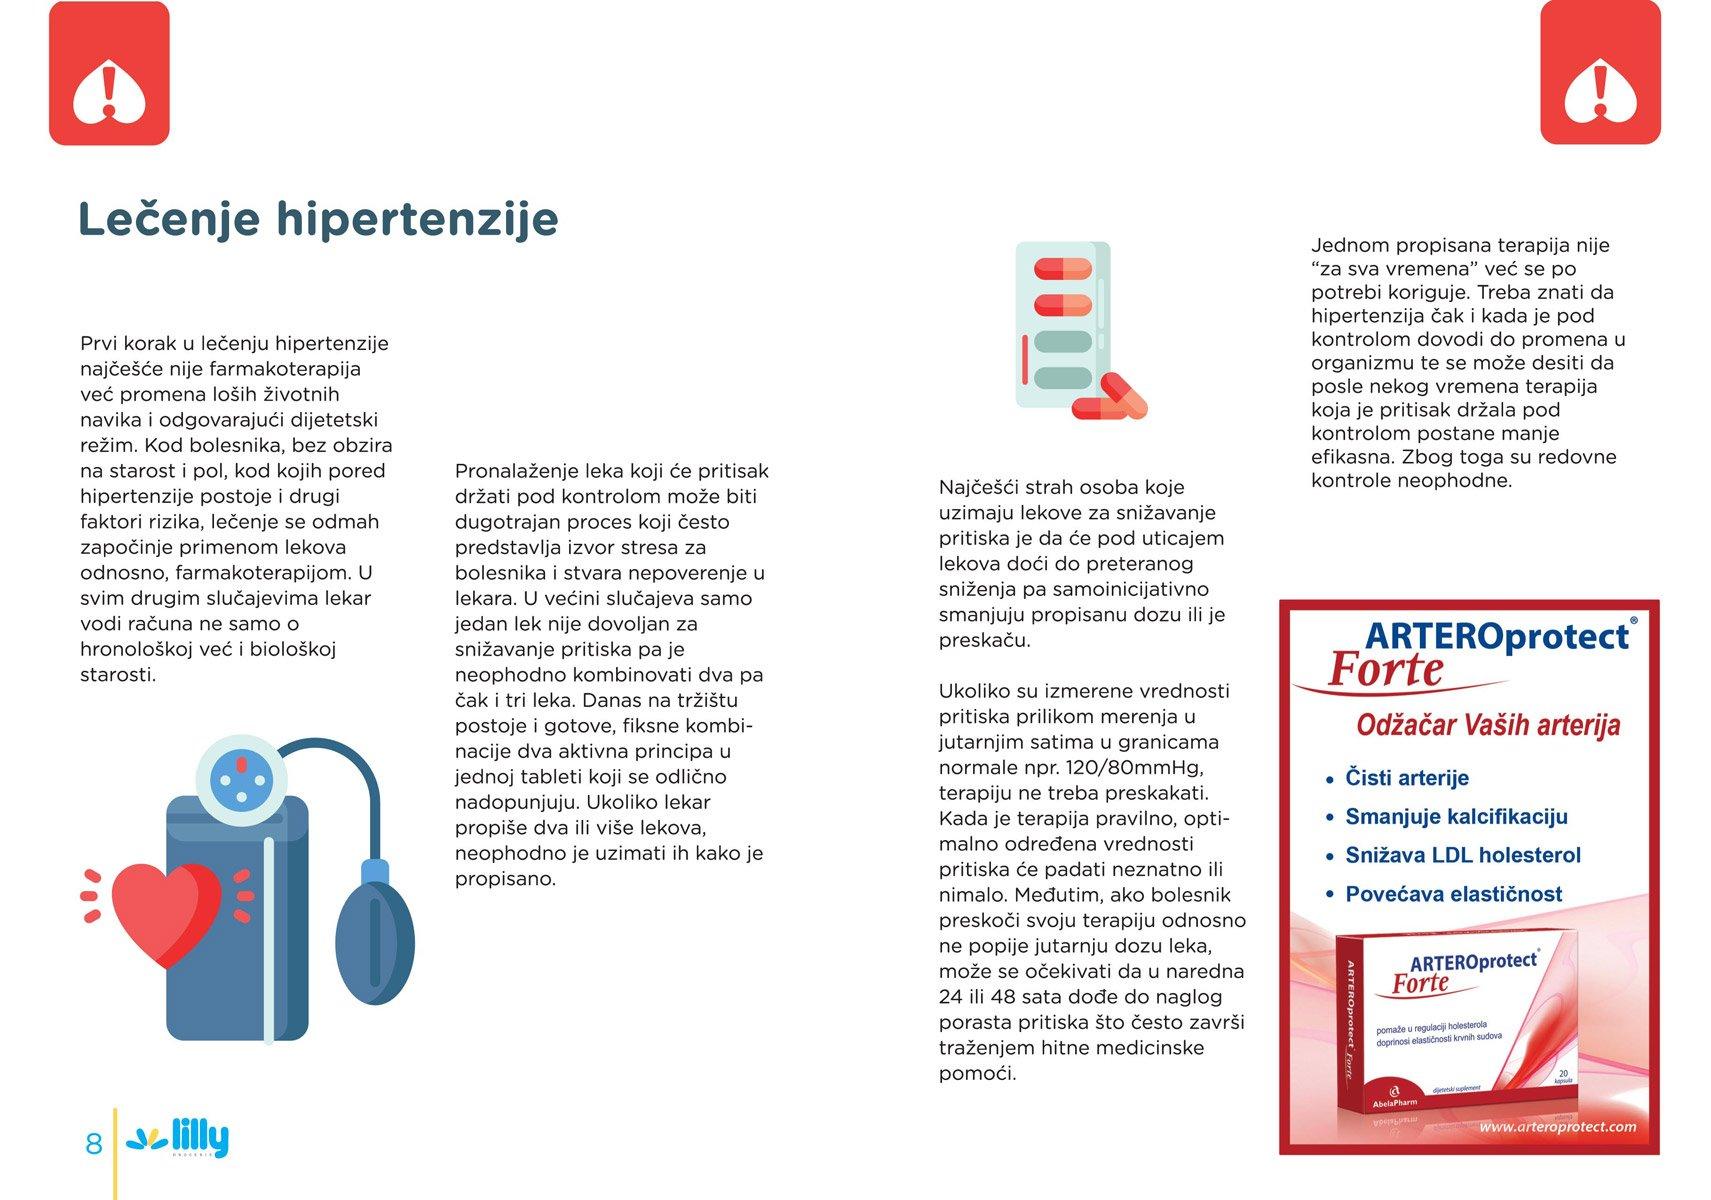 hipertenzija korak 2 da je)